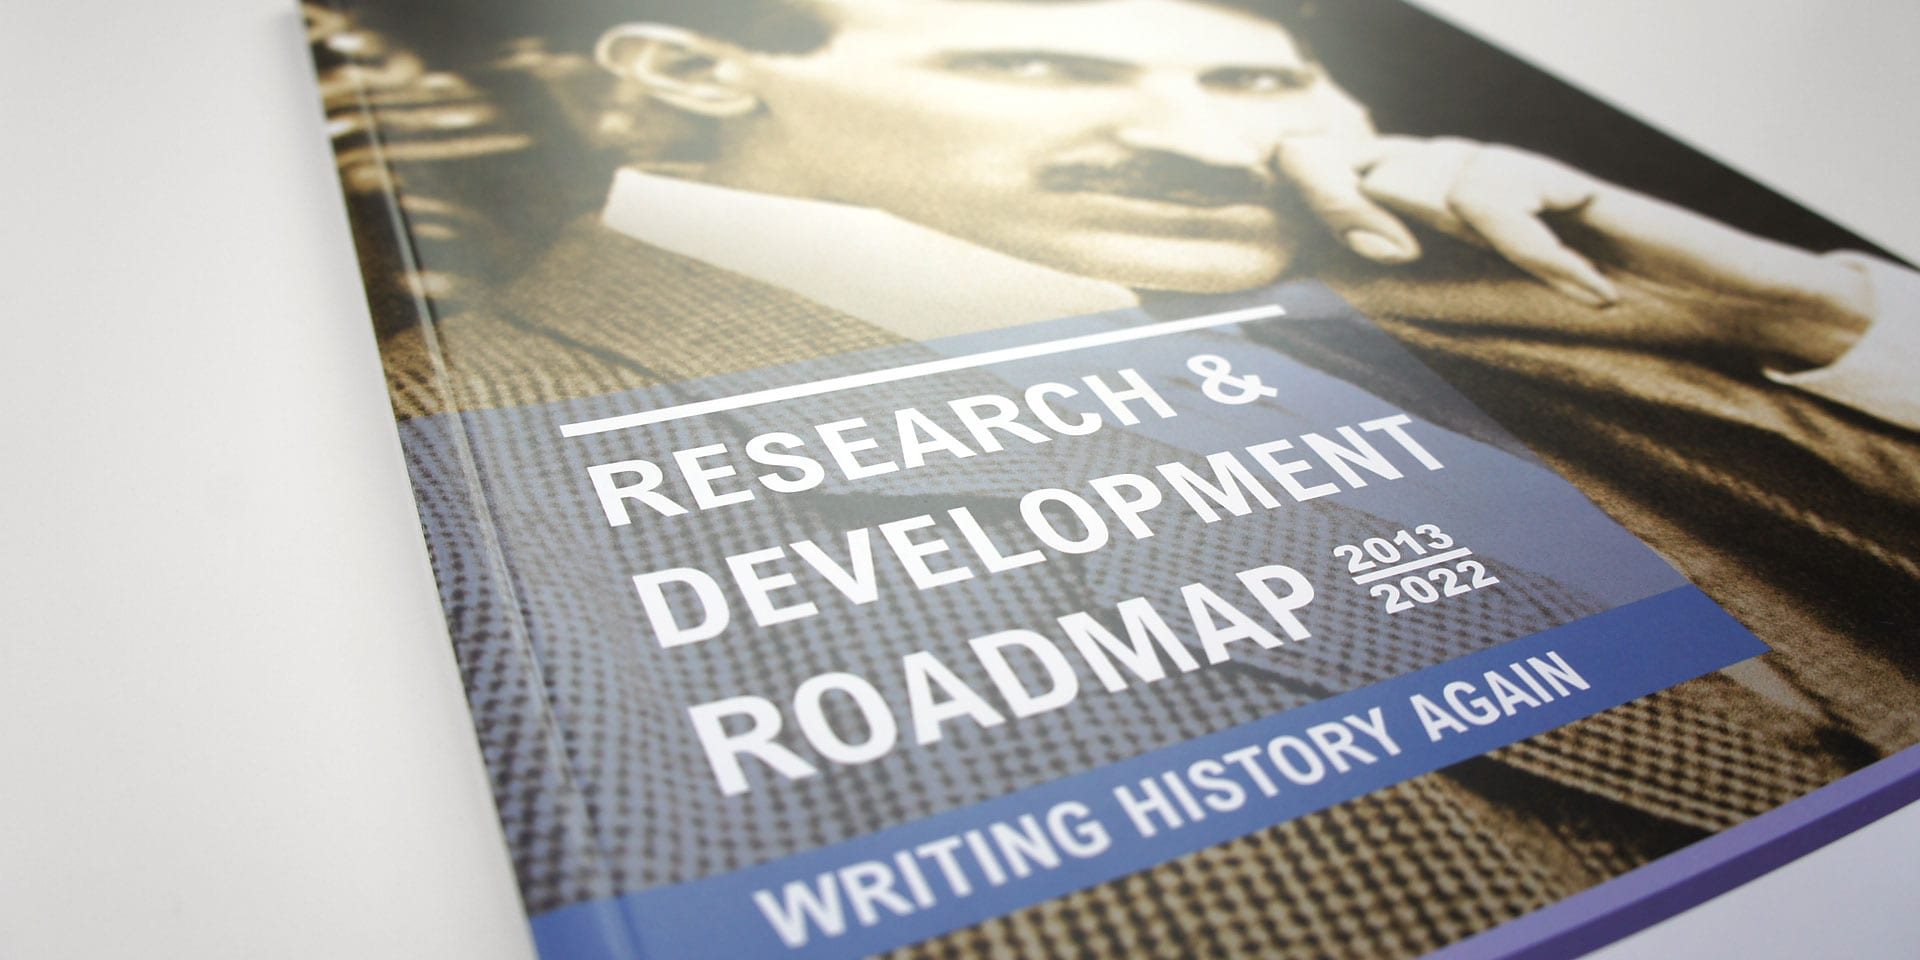 ENTSO-E RESEARCH & DEVELOPMENT ROADMAP